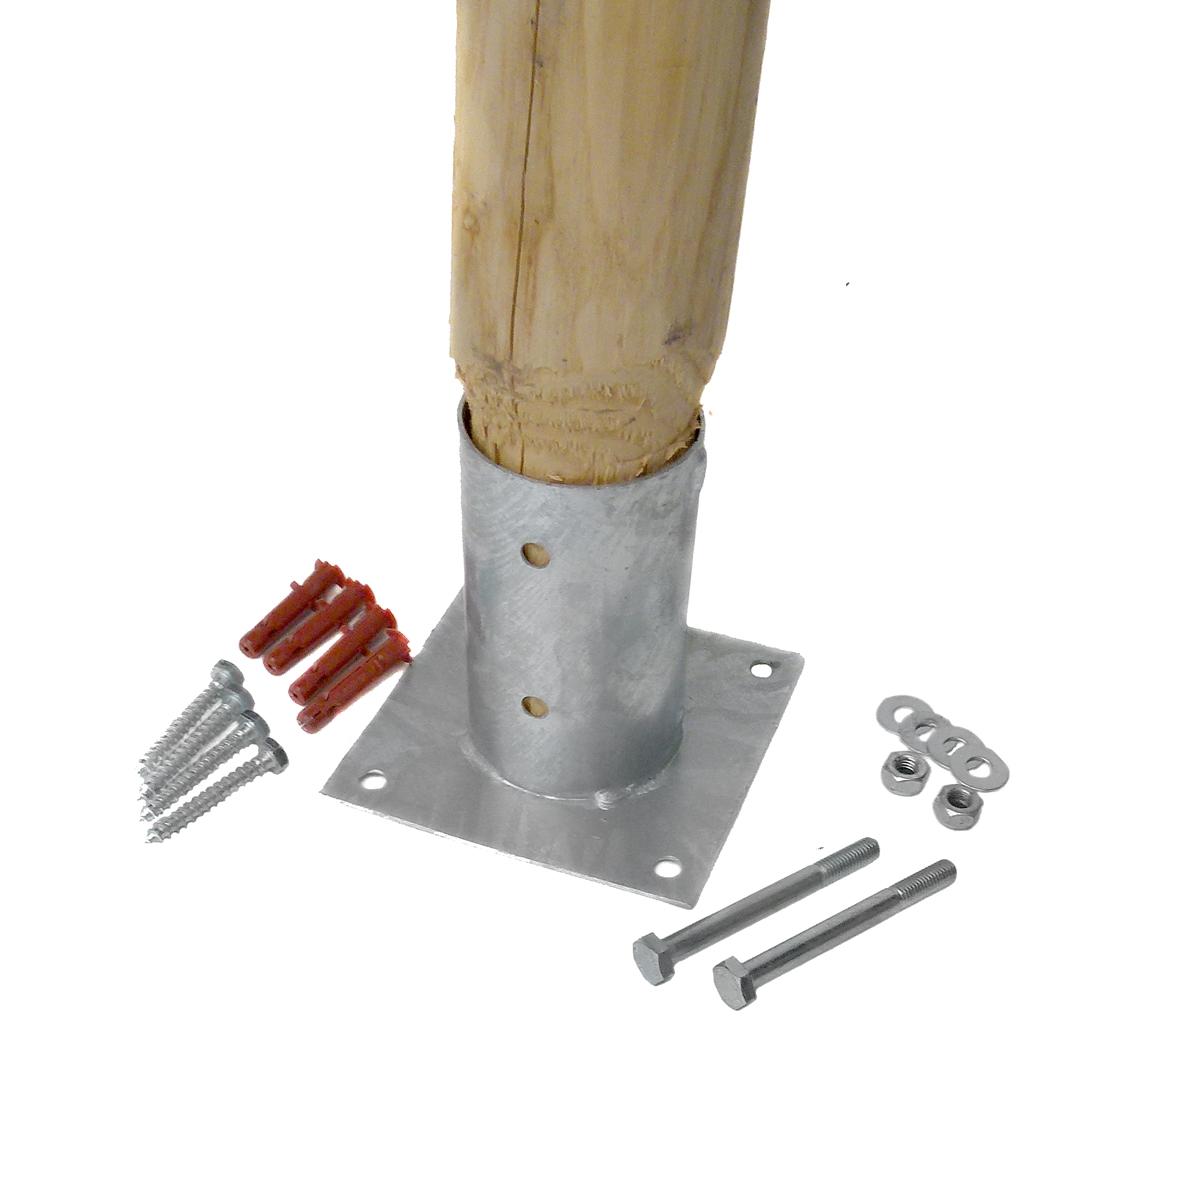 Holzpfahl mit Aufschraubhülsen